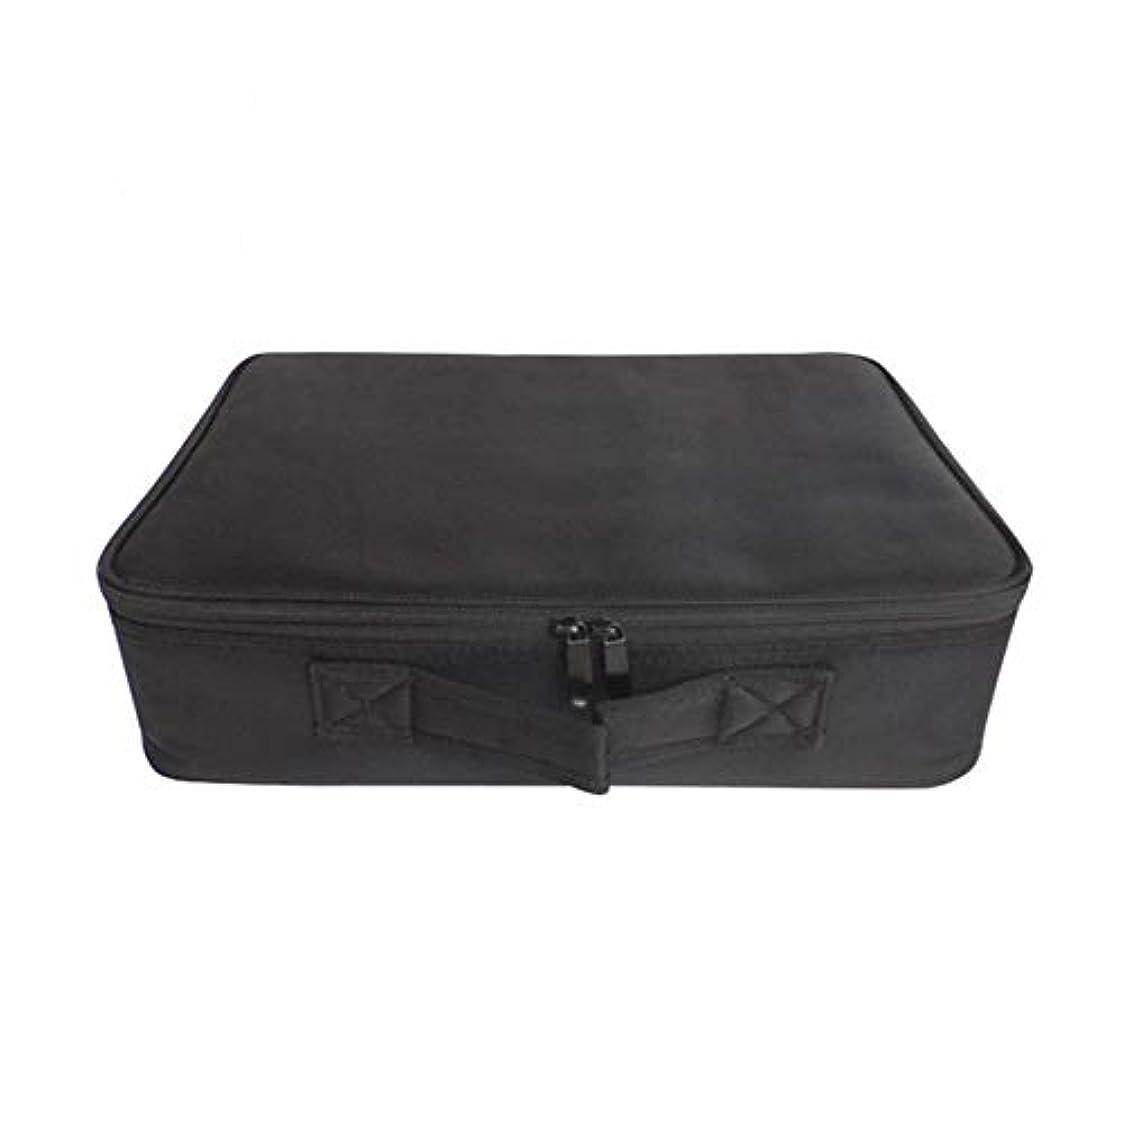 化粧オーガナイザーバッグ ポータブルカジュアルメイク化粧品収納ケースアーティスト収納バッグブラシバッグトイレットオーガナイザーツールと調整可能な仕切り 化粧品ケース